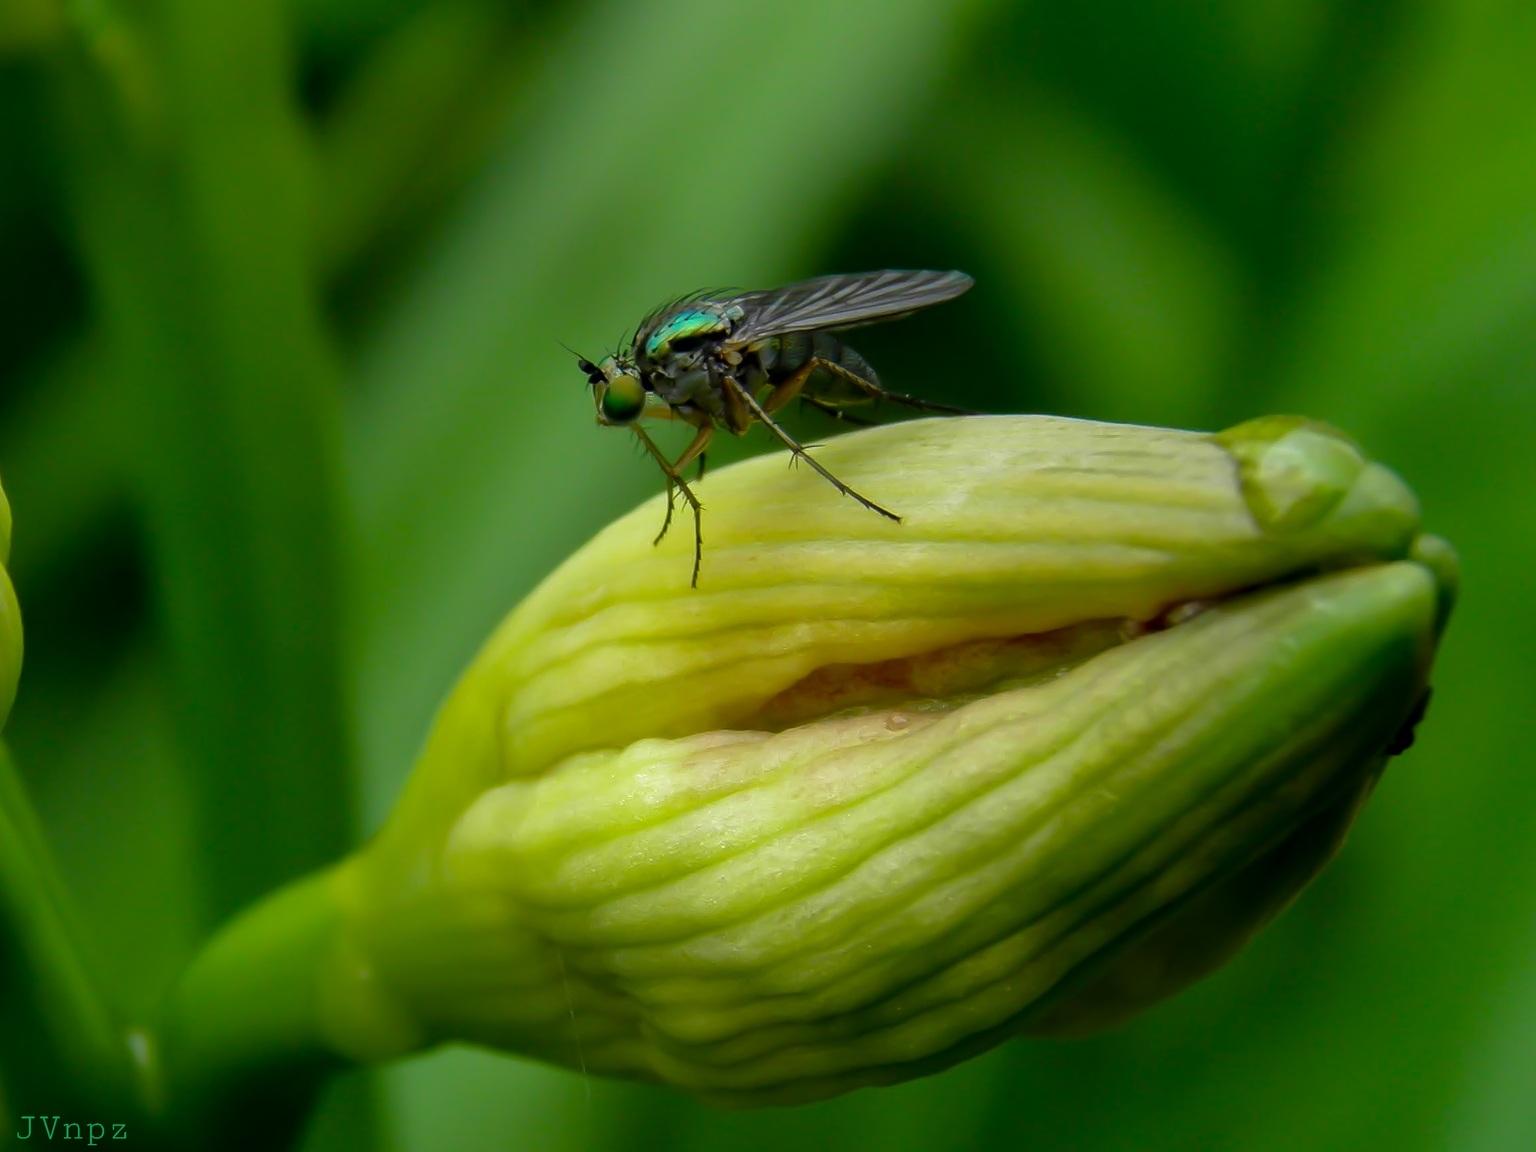 Slankpootvlieg - De Slankpootvieg is een vlieg met bruine opvallende lange poten. - foto door Vissernpz op 10-04-2021 - locatie: 9988 TE Noordpolderzijl, Nederland - deze foto bevat: vlieg, insect, groen, natuur, macro, bloem, fabriek, insect, geleedpotigen, bestuiver, bloemblaadje, terrestrische plant, plaag, gras, bloeiende plant